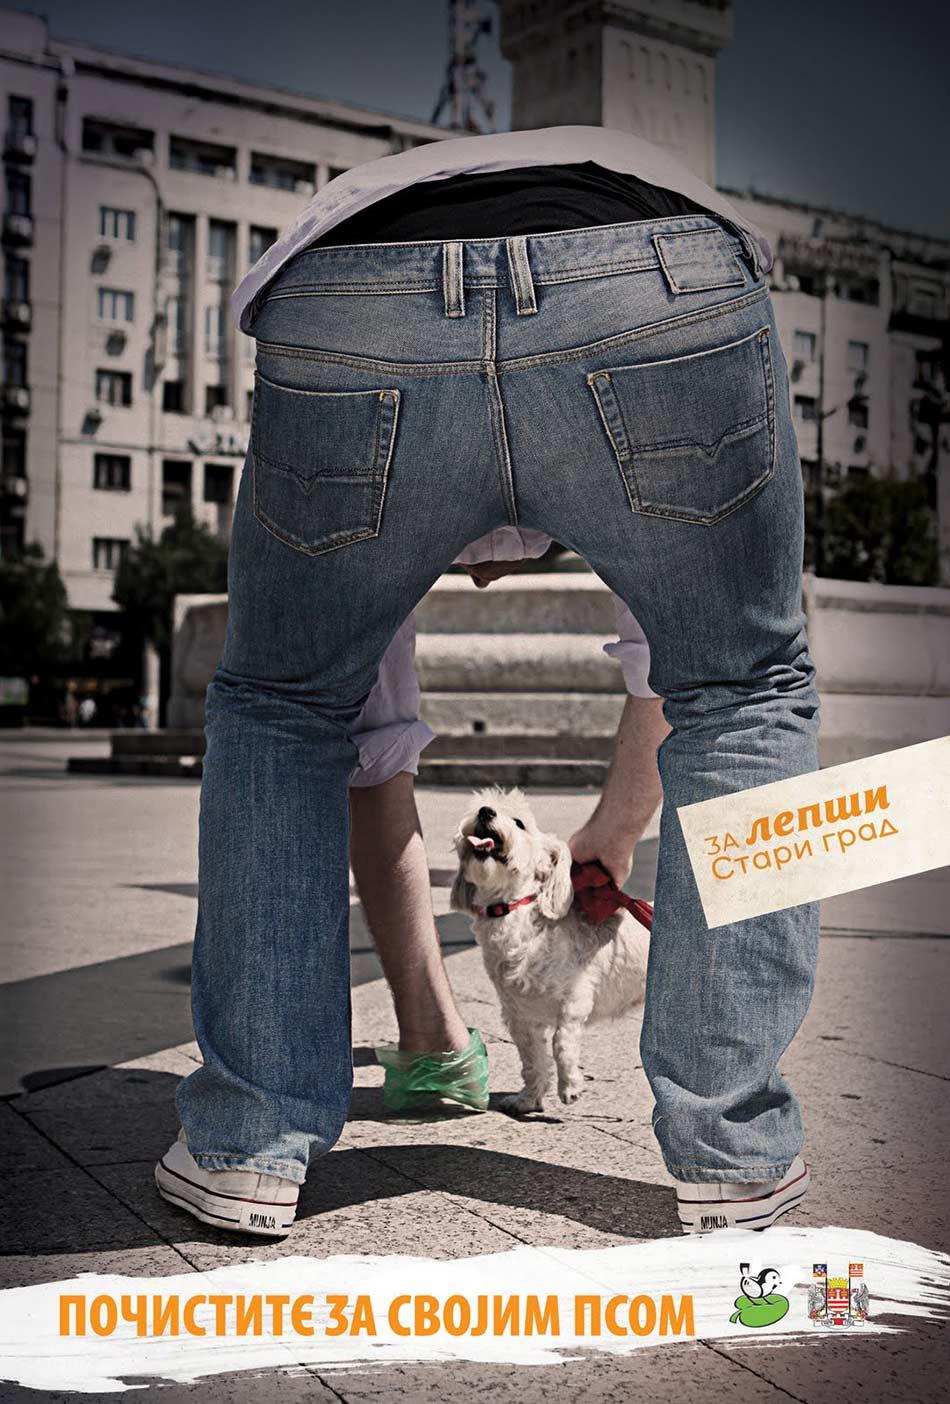 Sagnut momak čisti: reklamiranje Starog grada Beograda